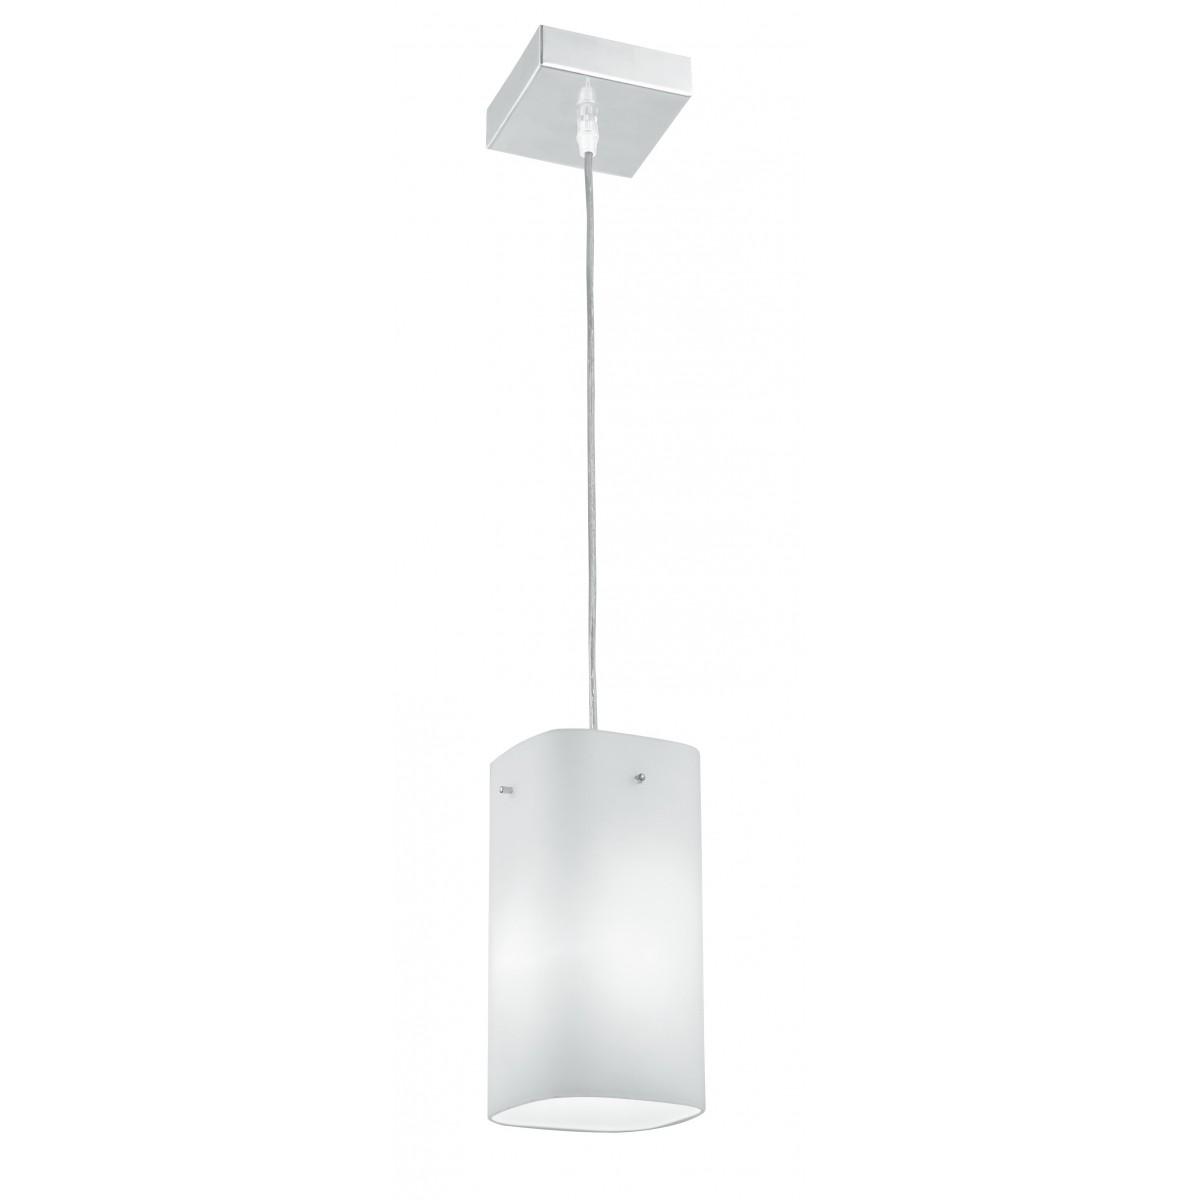 I-SQUARE/S1 - Sospensione paralume Vetro Bianco Metallo Pendente Moderno E27